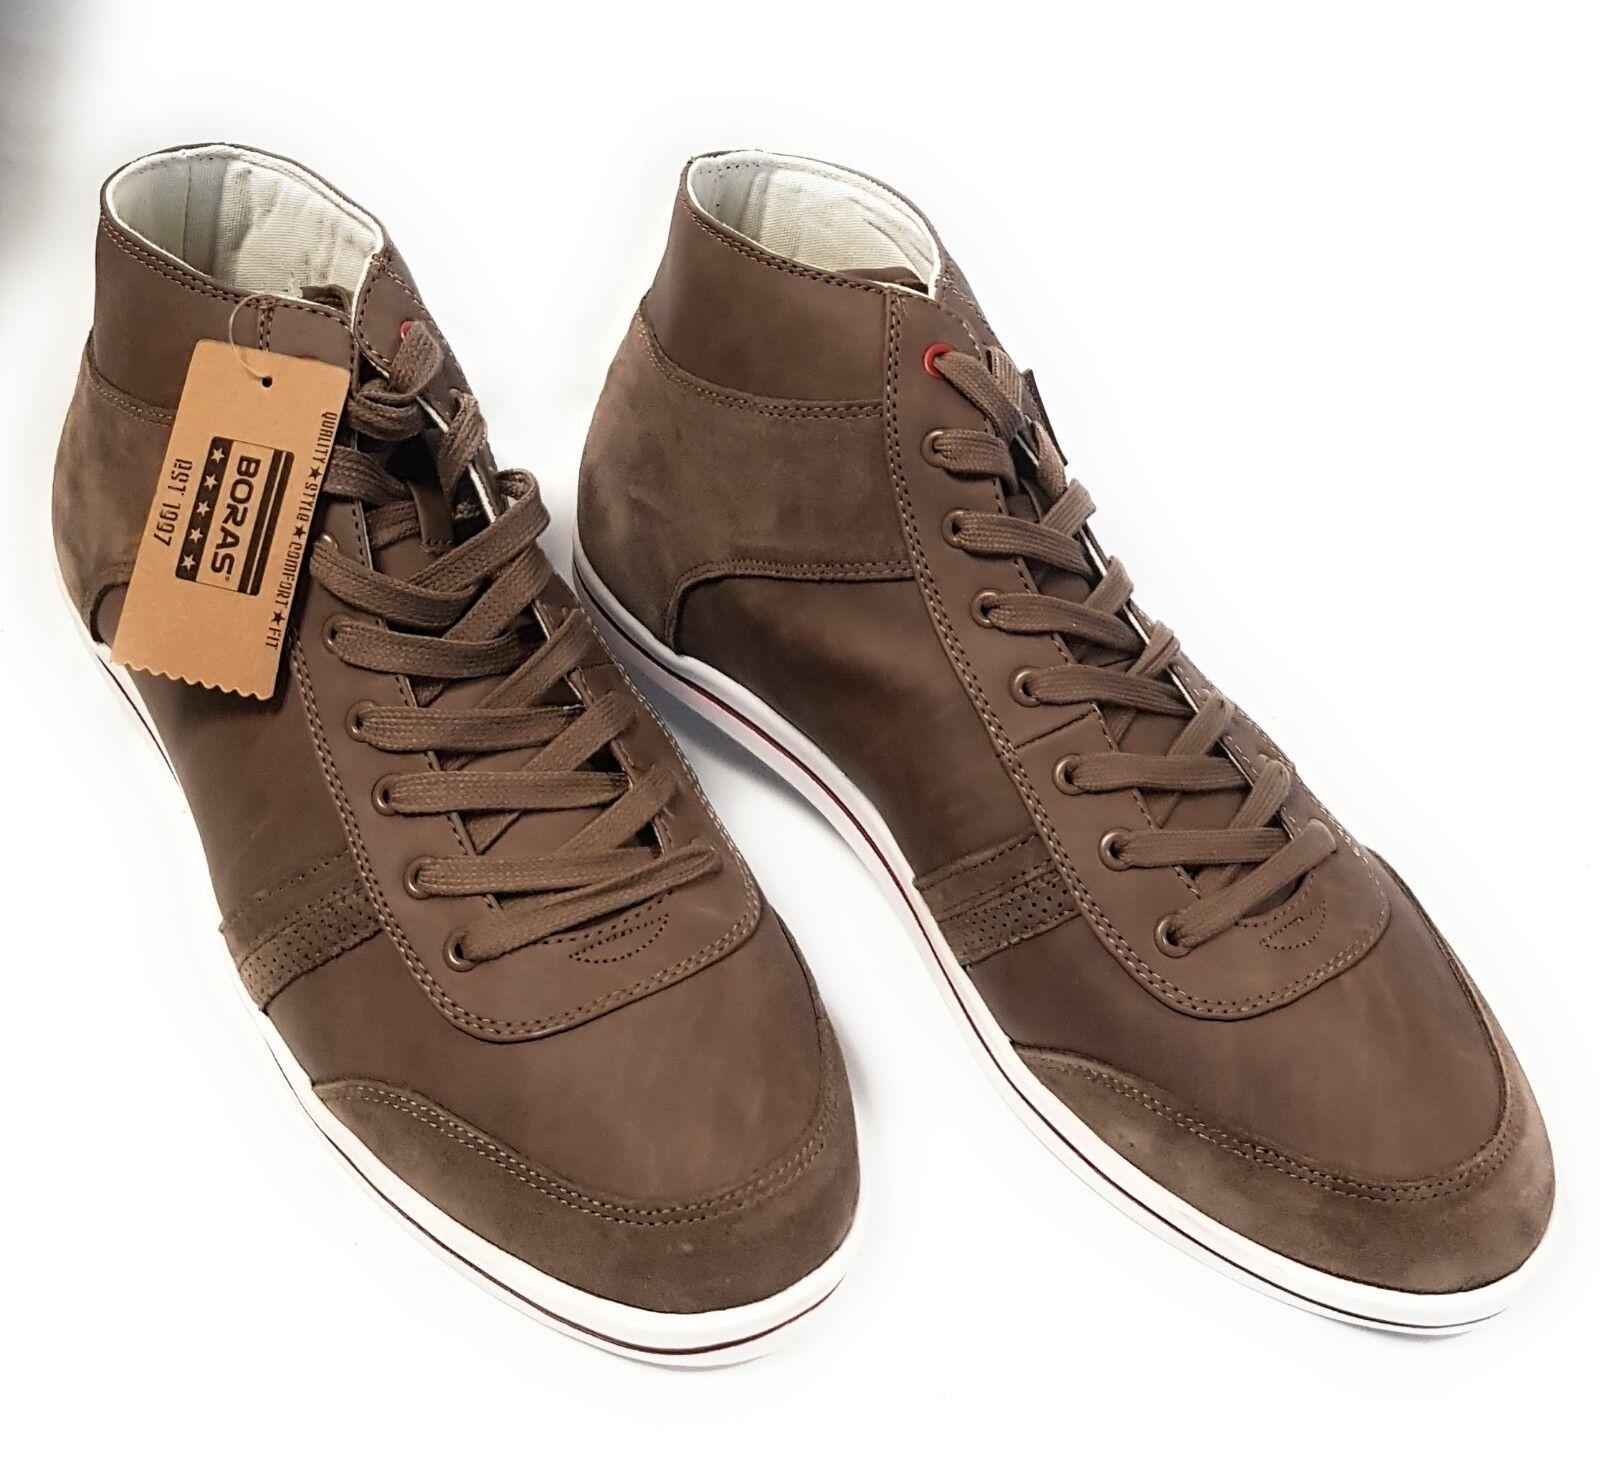 Boras Contact mid Herren Schuhe Sneaker Schnürschuhe Freizeit Men Shoes NEU